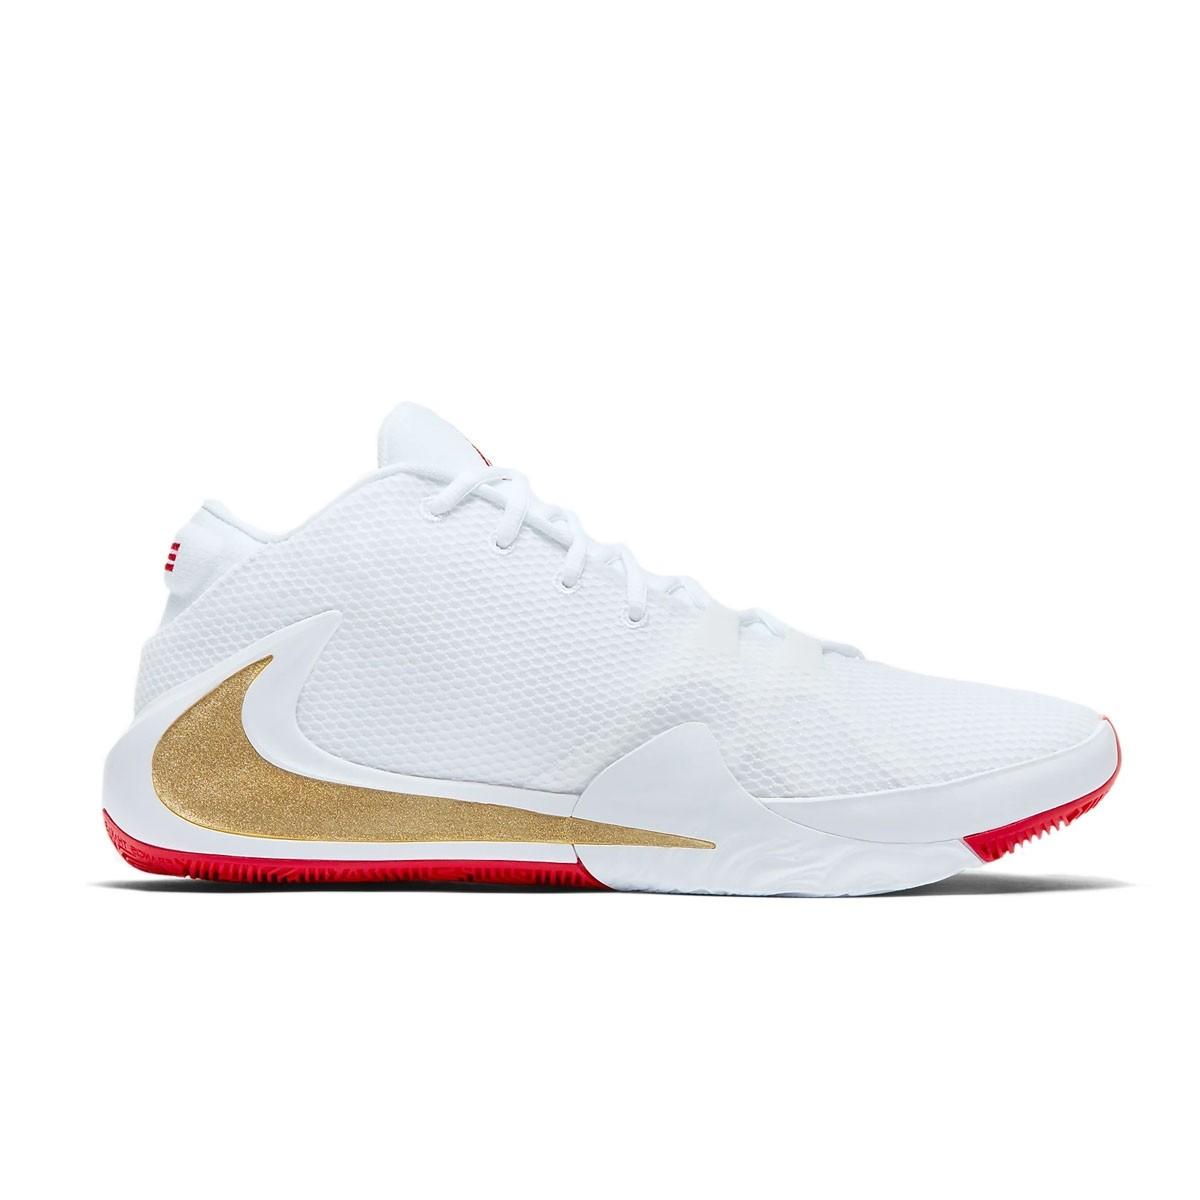 Nike Zoom Freak 1 'Roses'